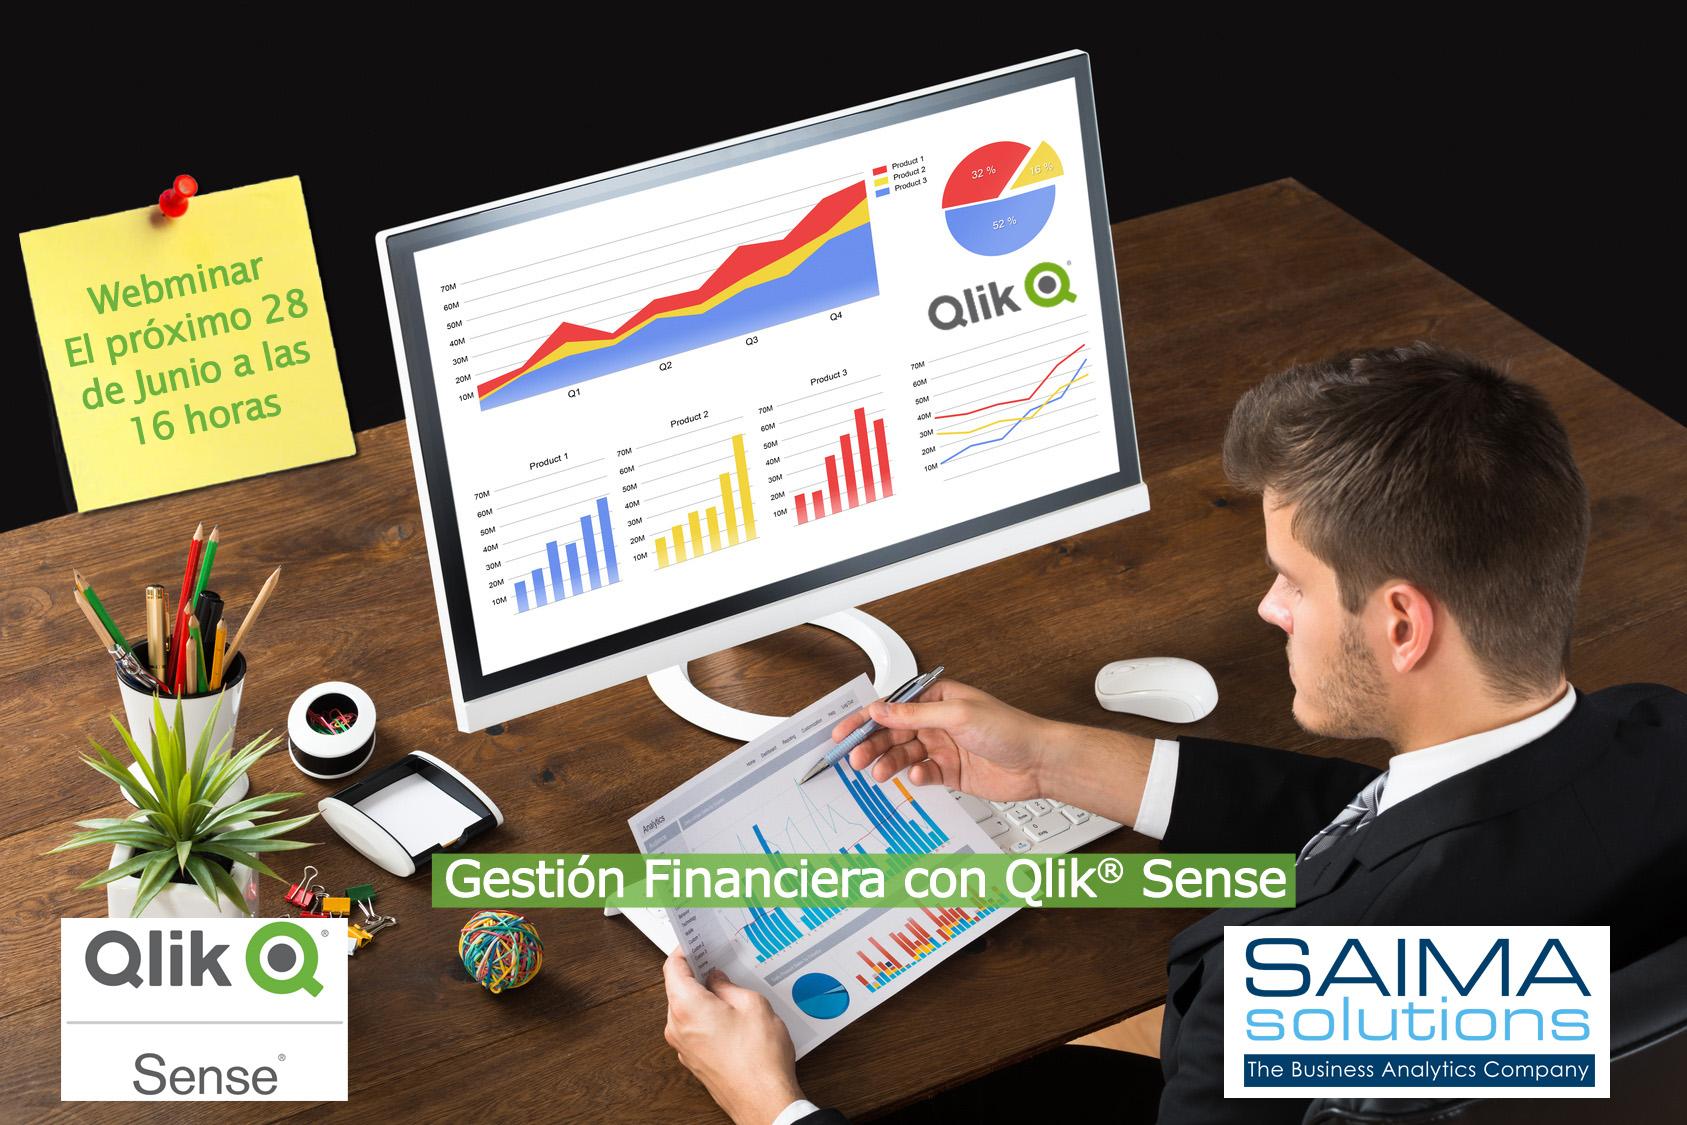 Gestión Financiera con Qlik Sense